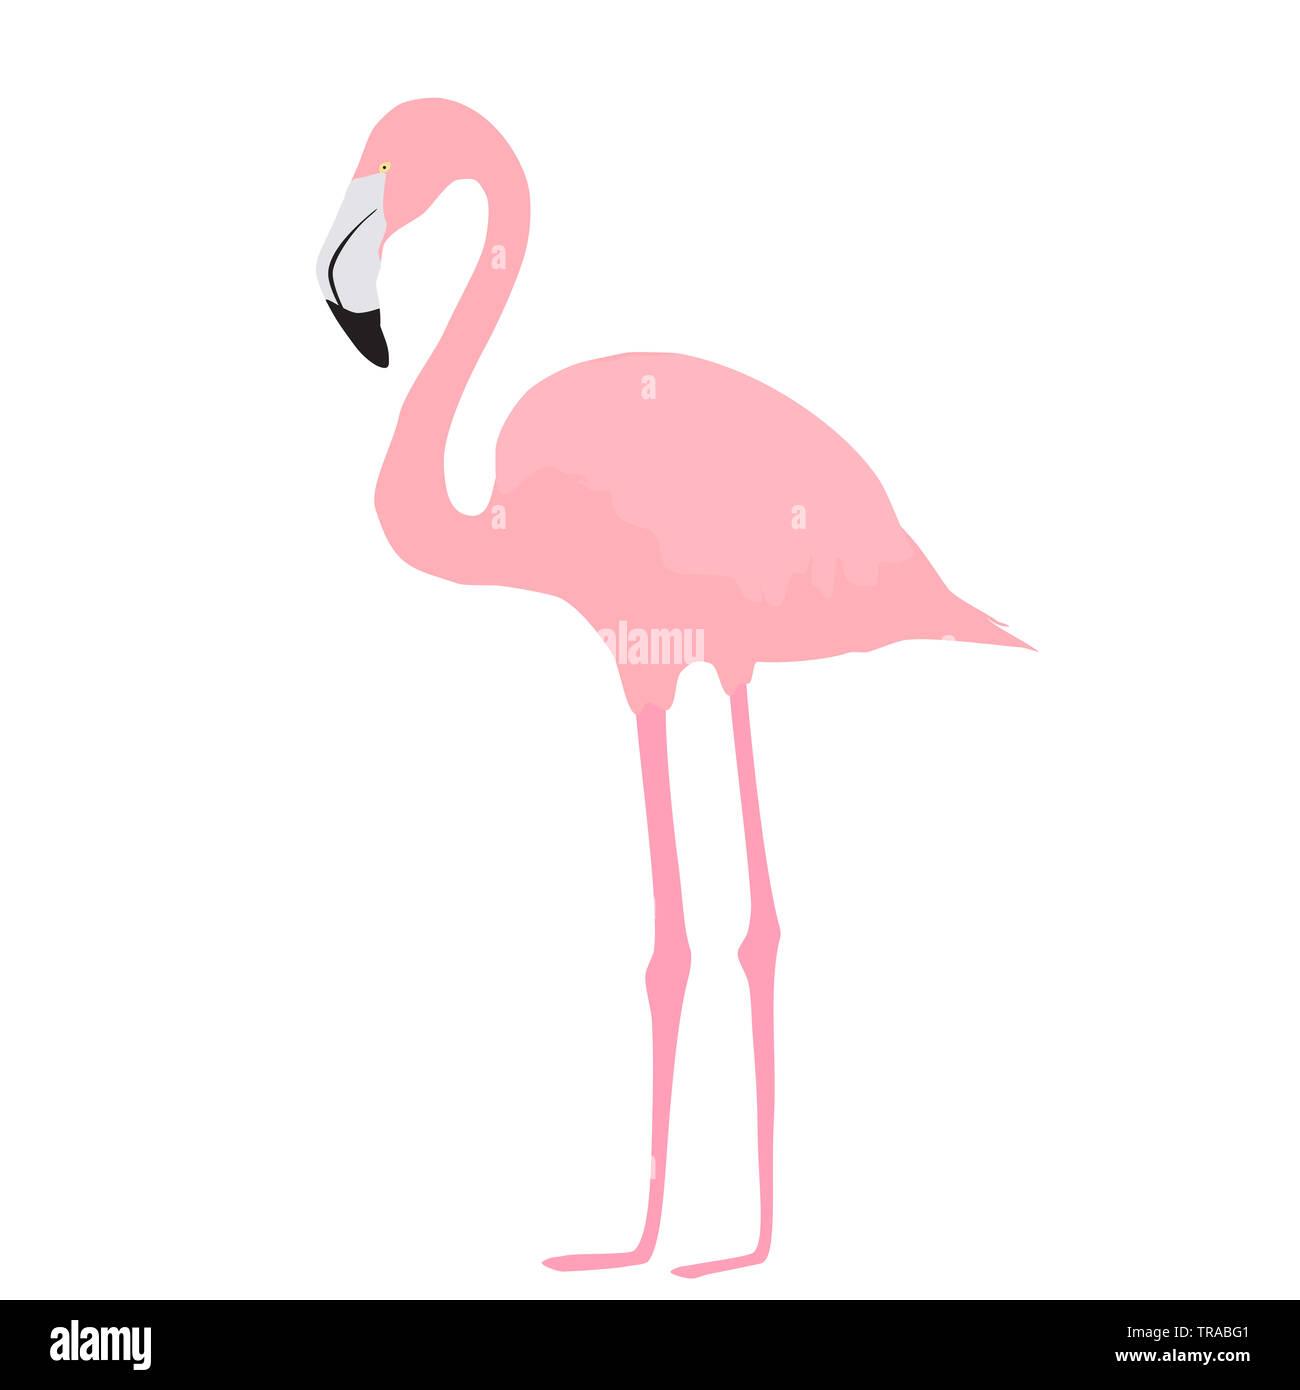 Fenicottero rosa icona isolati su sfondo bianco. Uccello tropicale carattere semplice, vista laterale. Il design del vettore per la vacanza estiva, eps 10 Immagini Stock